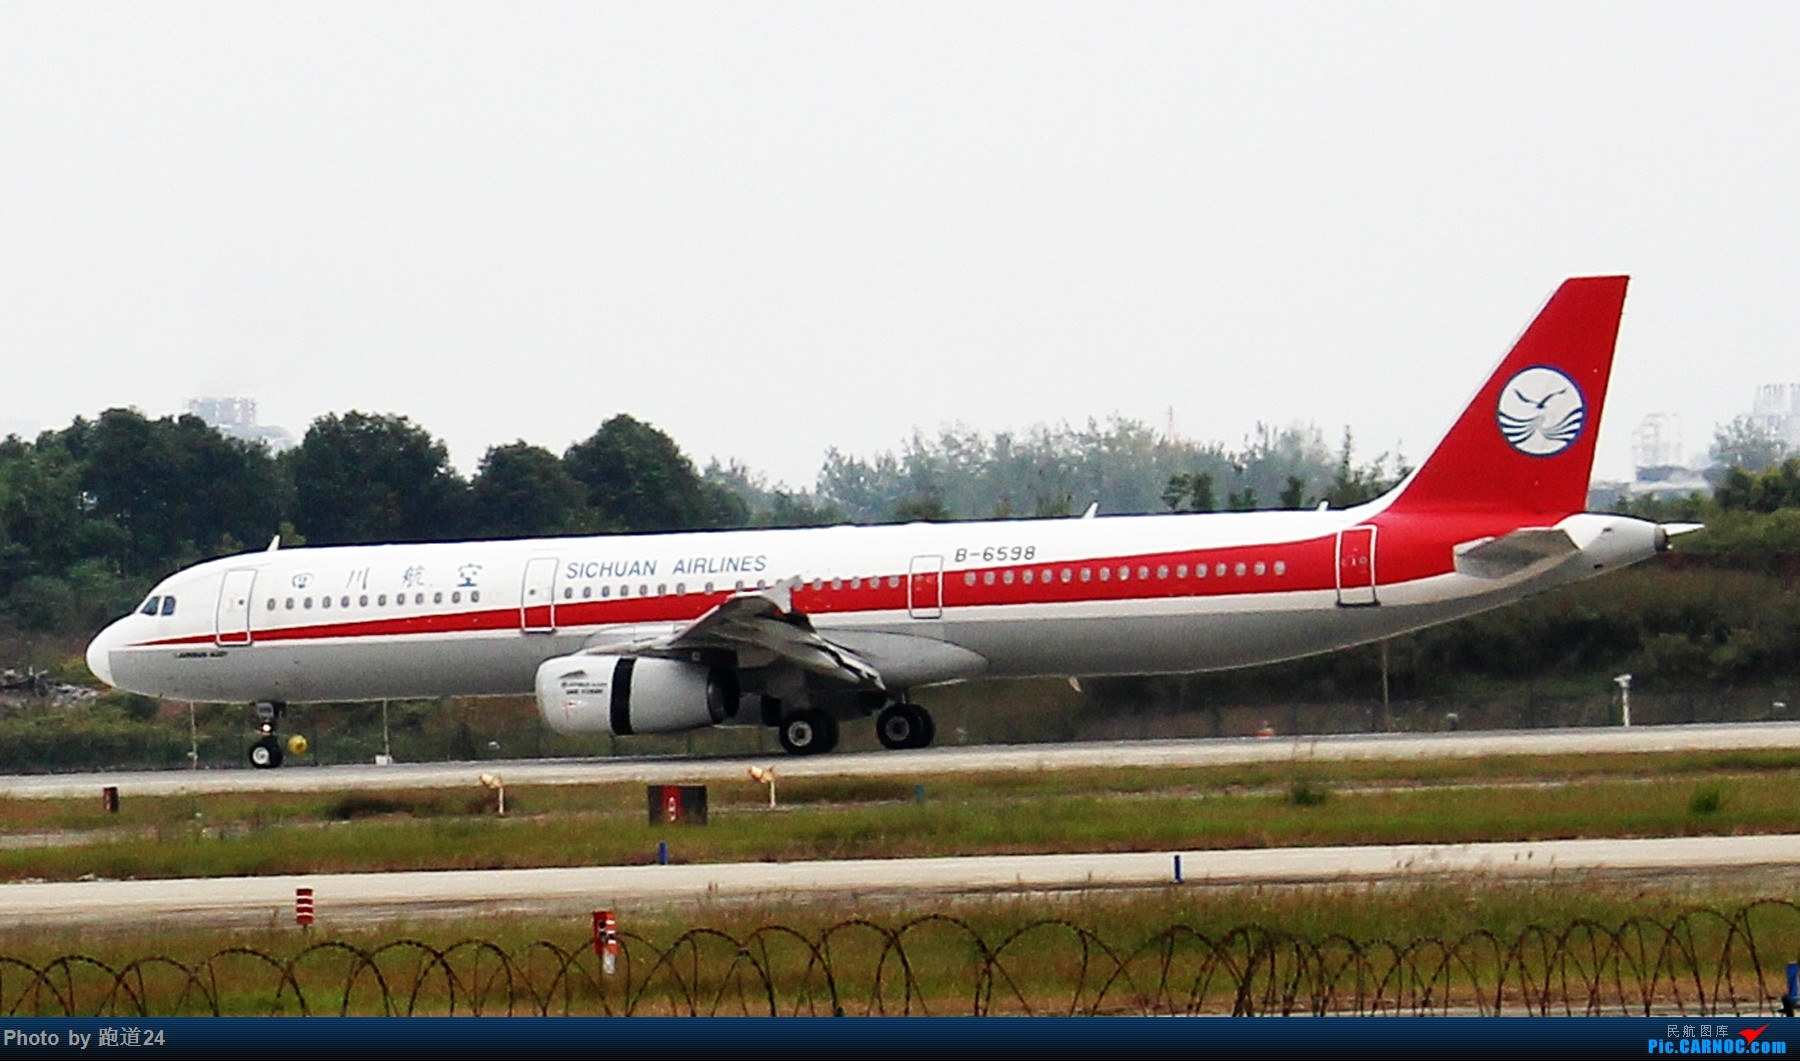 [原创]川航泰航组图 AIRBUS A321-200 B-6598 中国成都双流国际机场